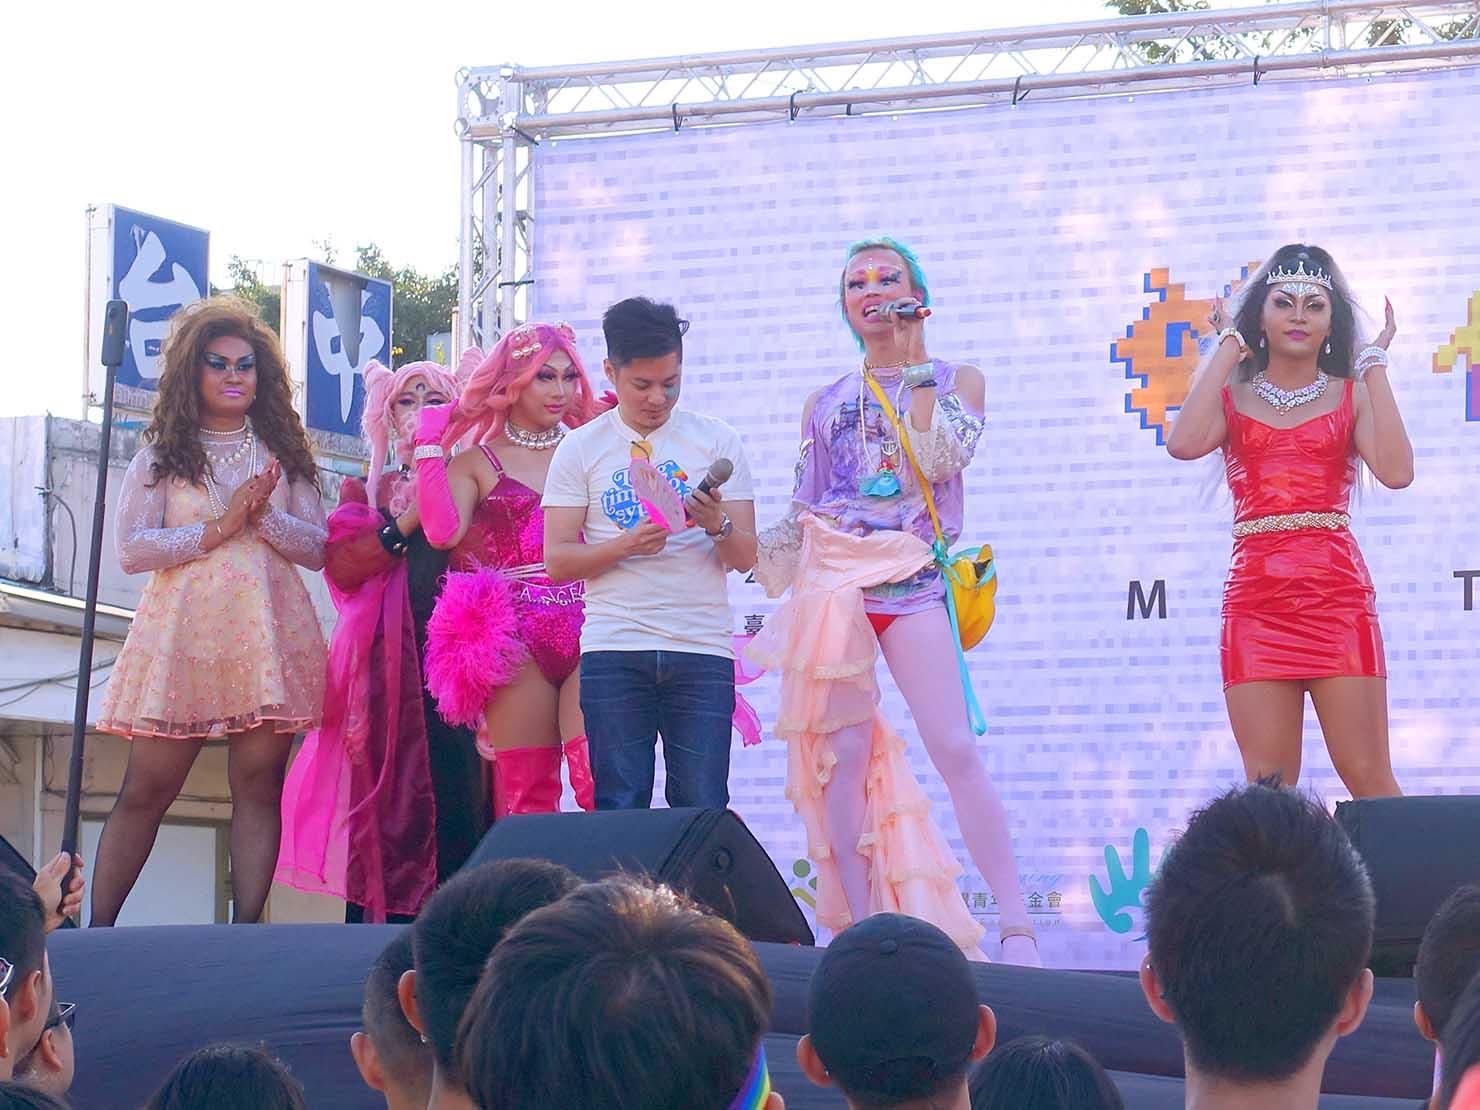 台中同志遊行(台中LGBTプライド)2019パレード後のステージに立つドラァグクイーンのみなさん